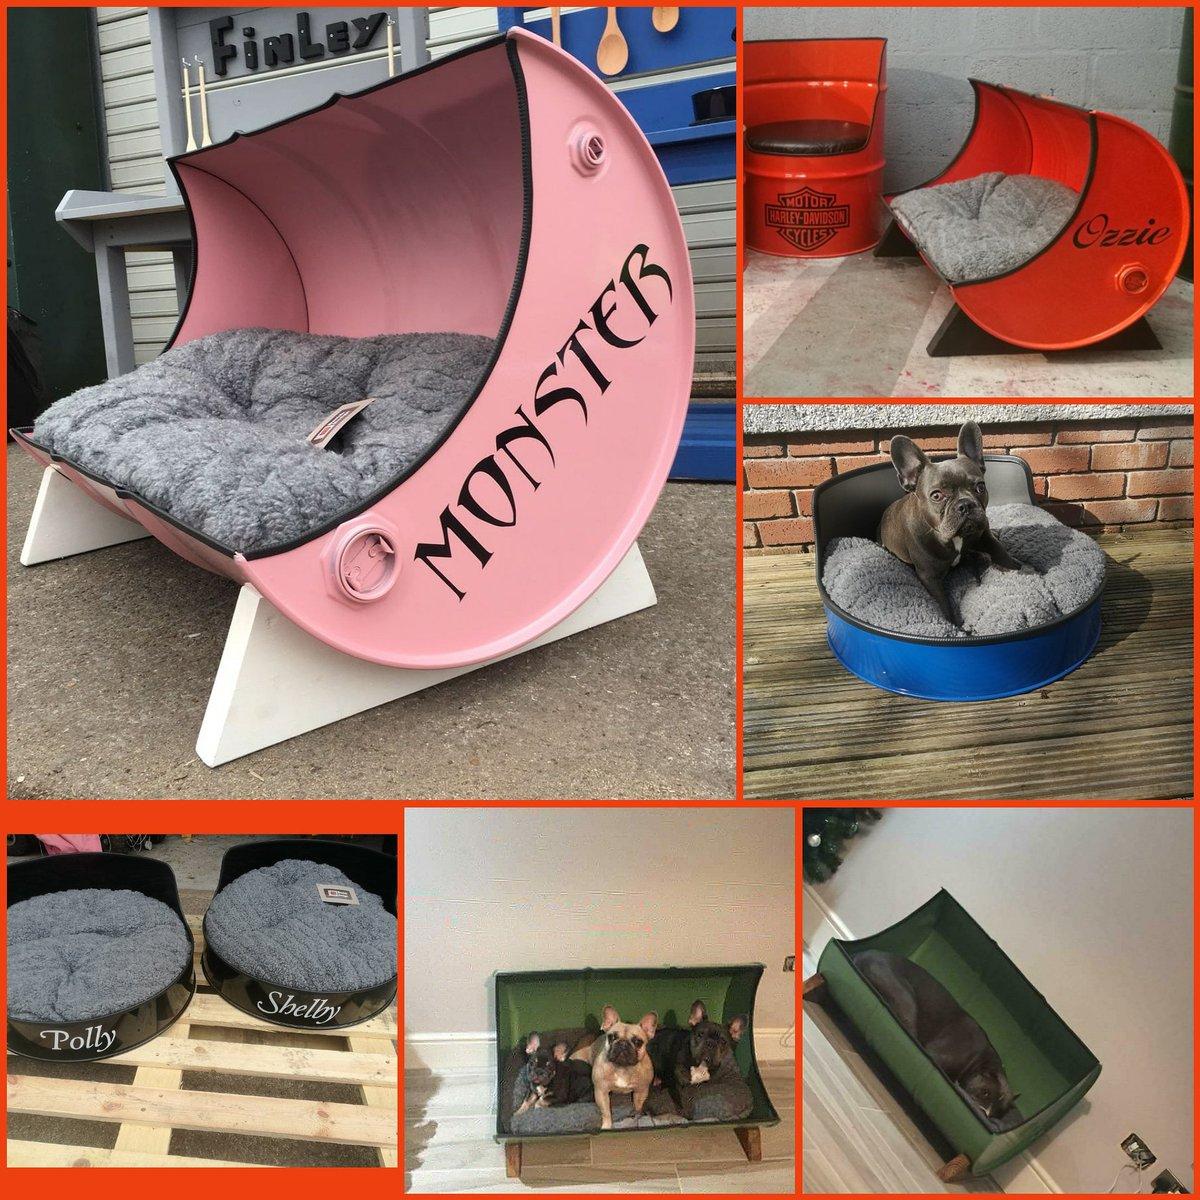 Creative Furniture Creativedneath